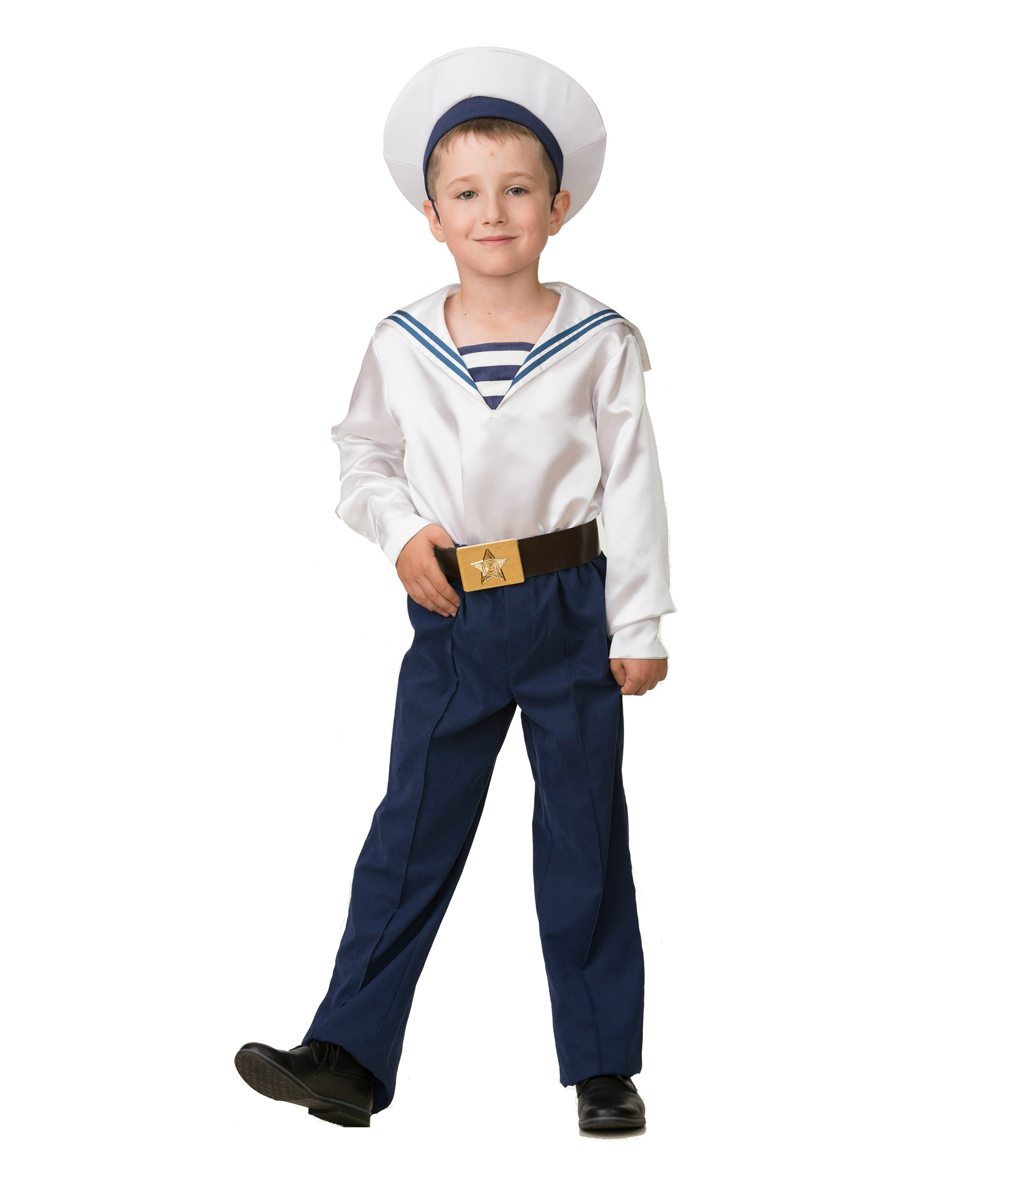 Батик Костюм карнавальный для мальчика Матрос парадный размер 36 батик костюм карнавальный для мальчика гладиатор размер 30